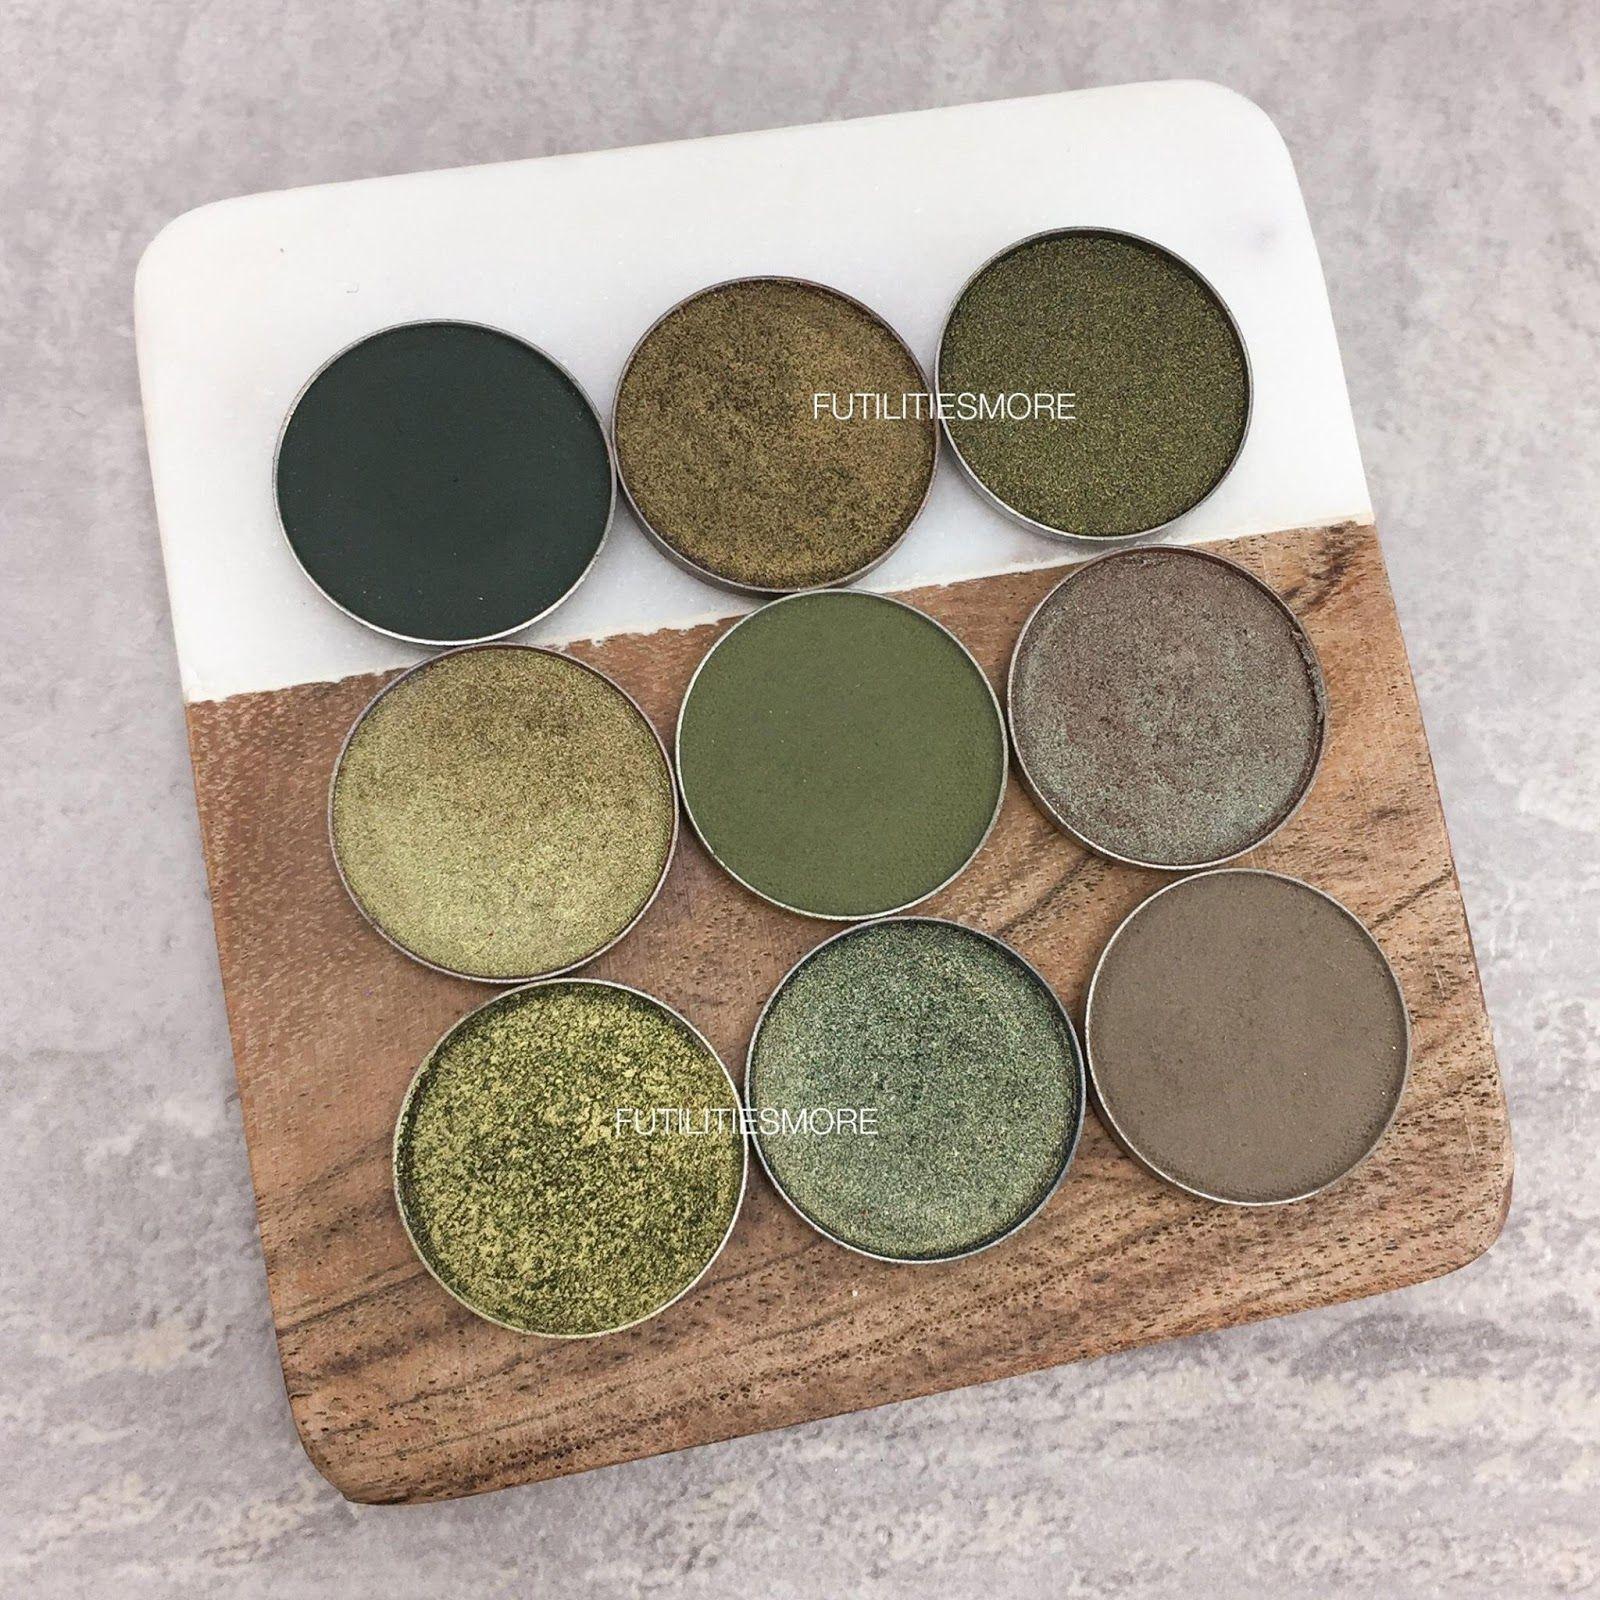 Olive Green Eyeshadows By Makeup Geek Cosmetics Makeup Geek Cosmetics Green Eyeshadow Makeup Geek